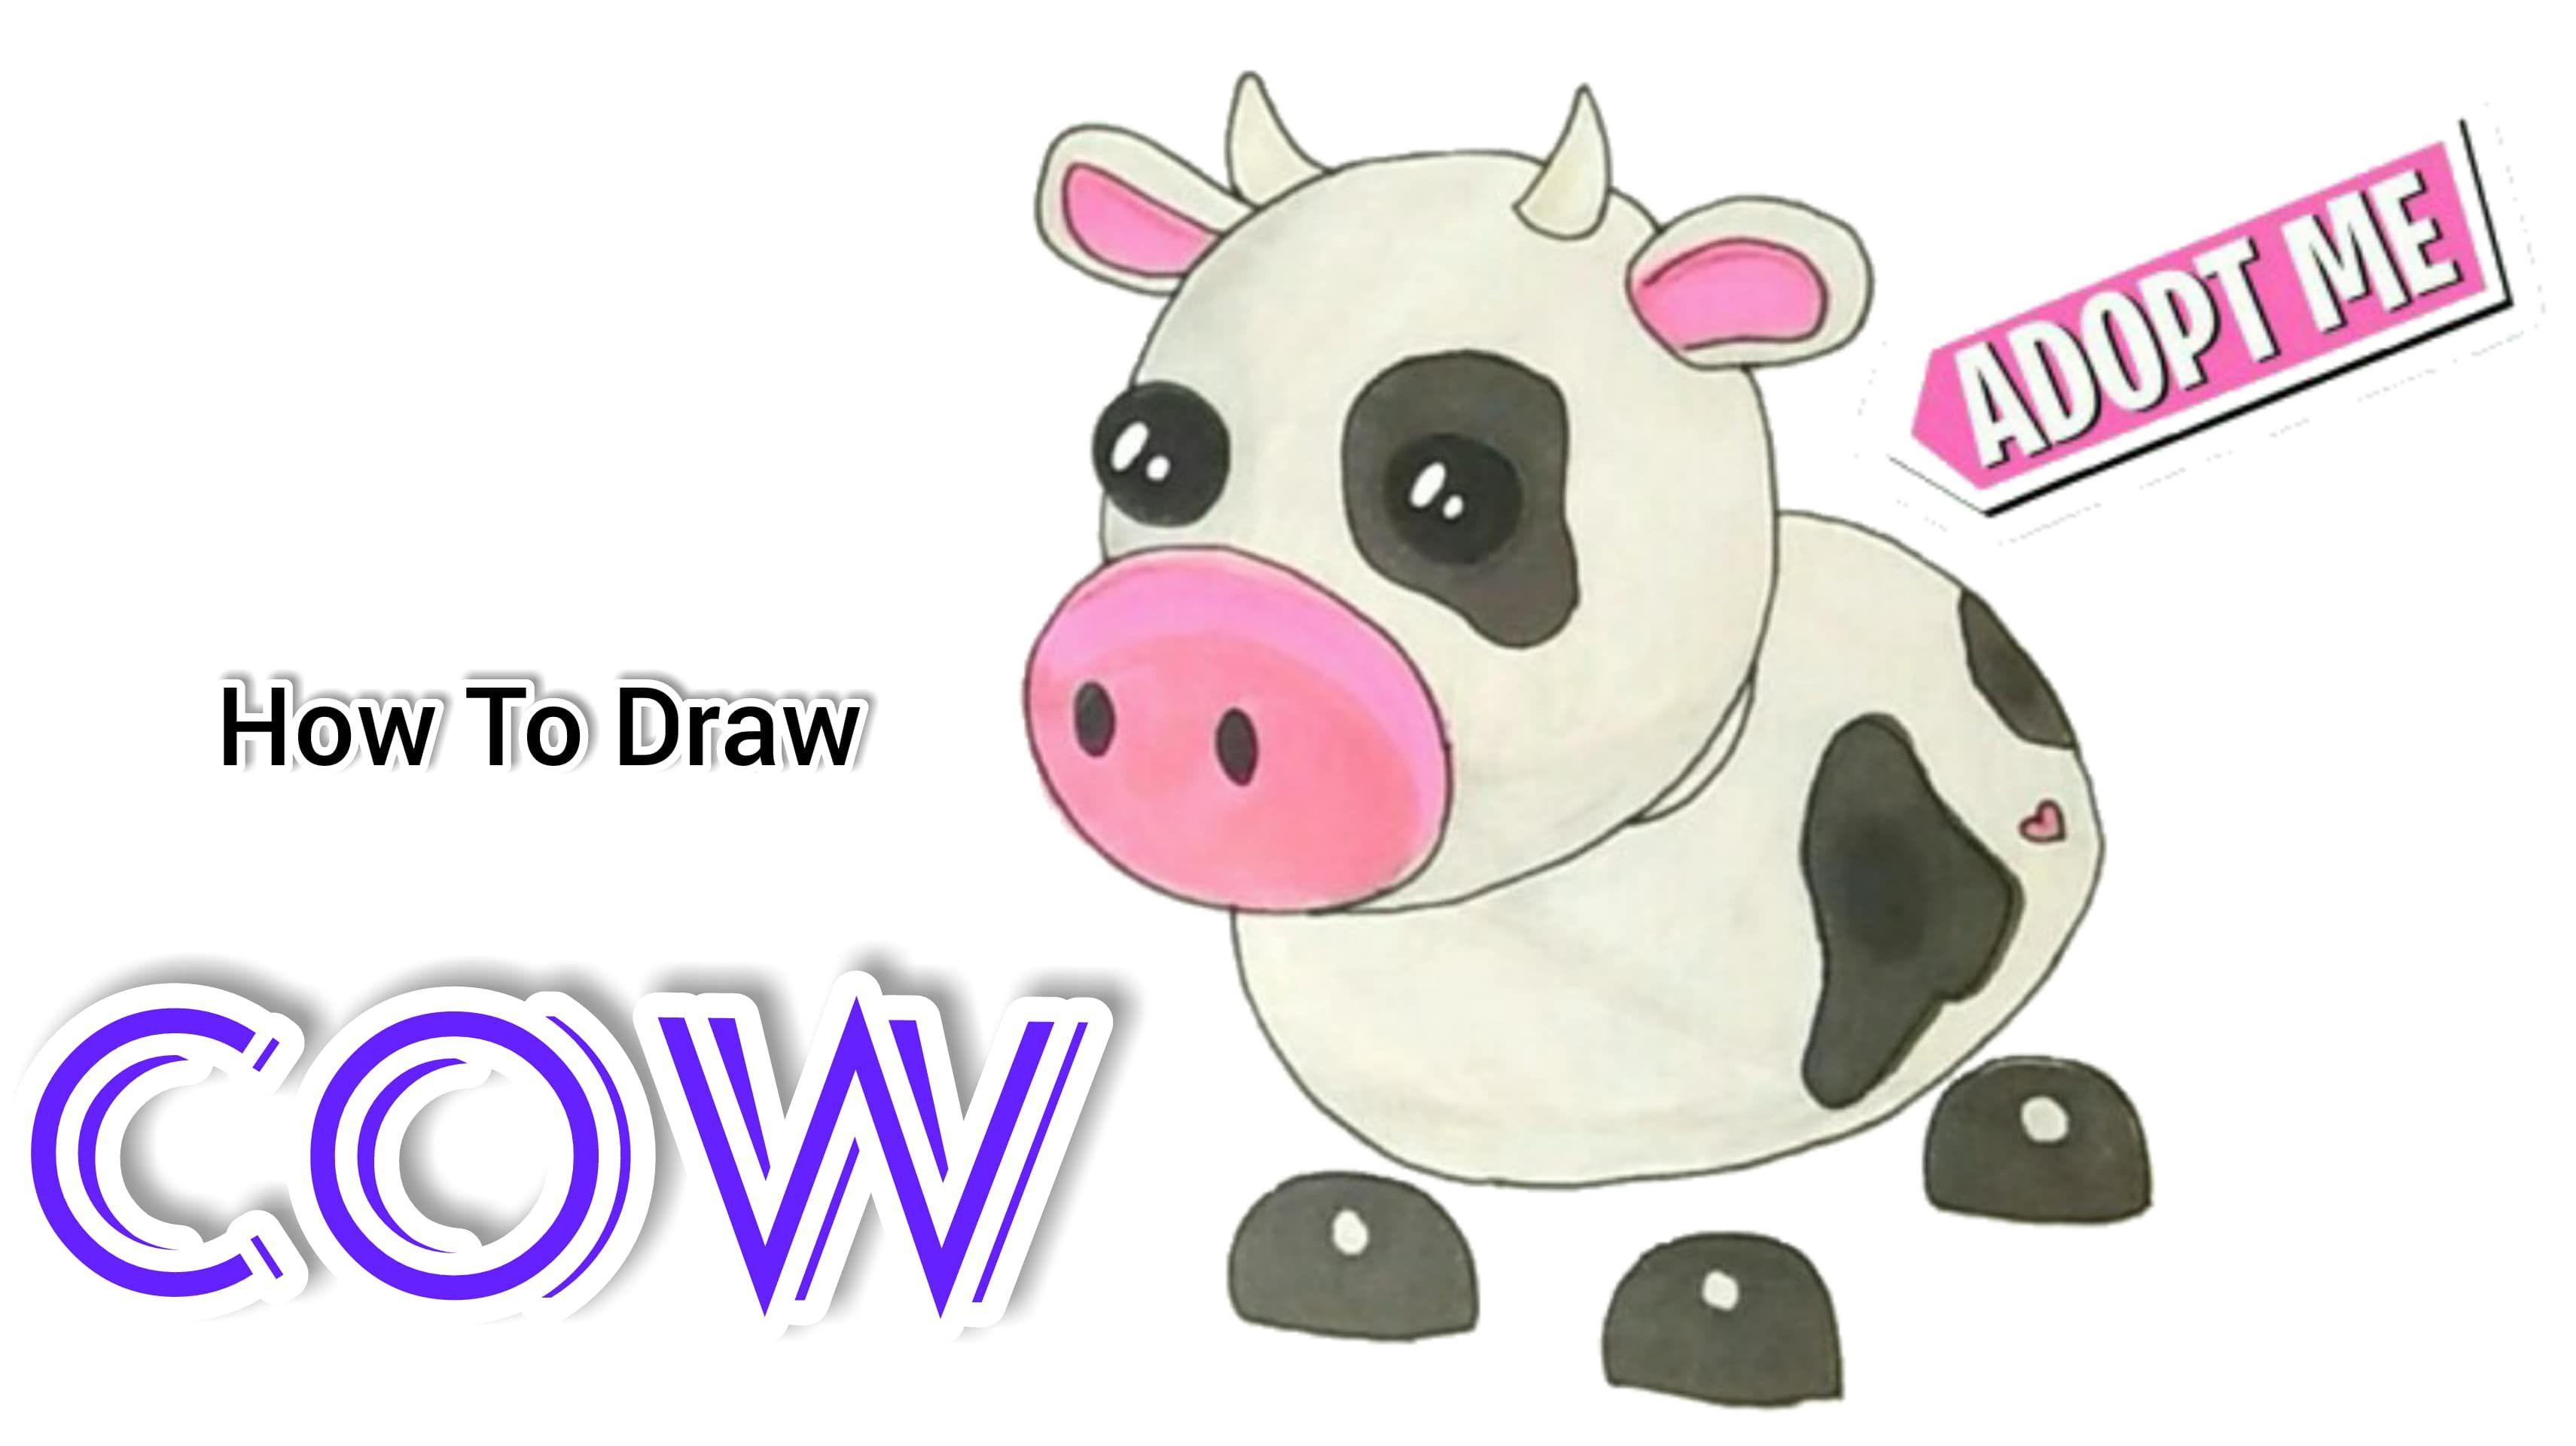 Pin By Daniel On Cartooning Cute Drawings Pets Drawing Cute Drawings Cute Disney Drawings